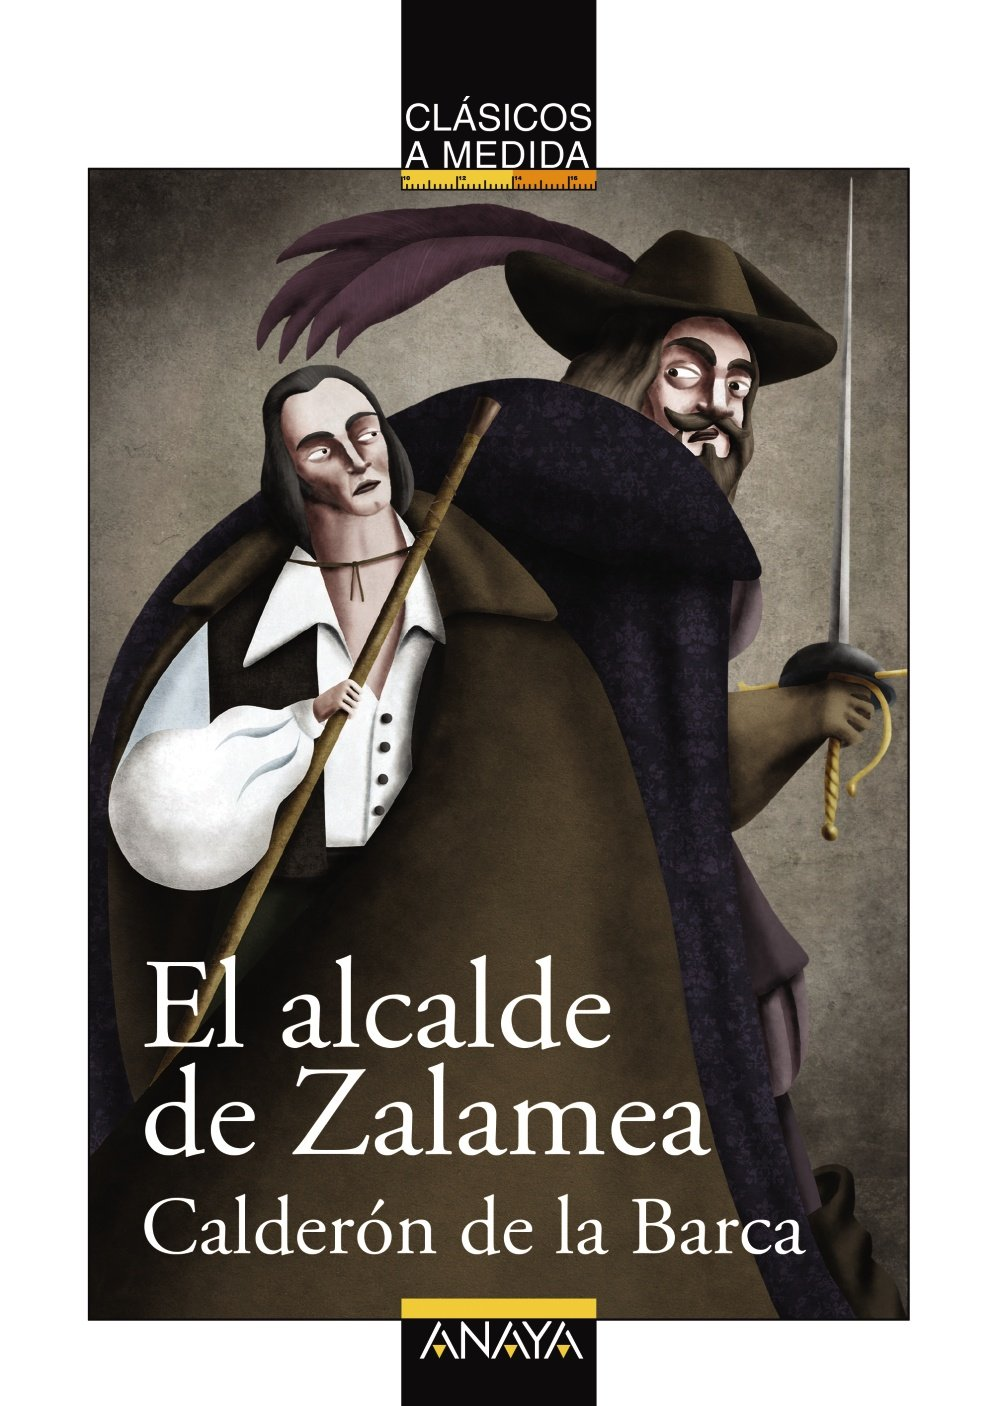 El alcalde de Zalamea (Clásicos - Clásicos A Medida) Tapa blanda – 19 mar 2013 Pedro Calderón de la Barca Goyo Rodríguez Emilio Fontanilla Debesa Anaya